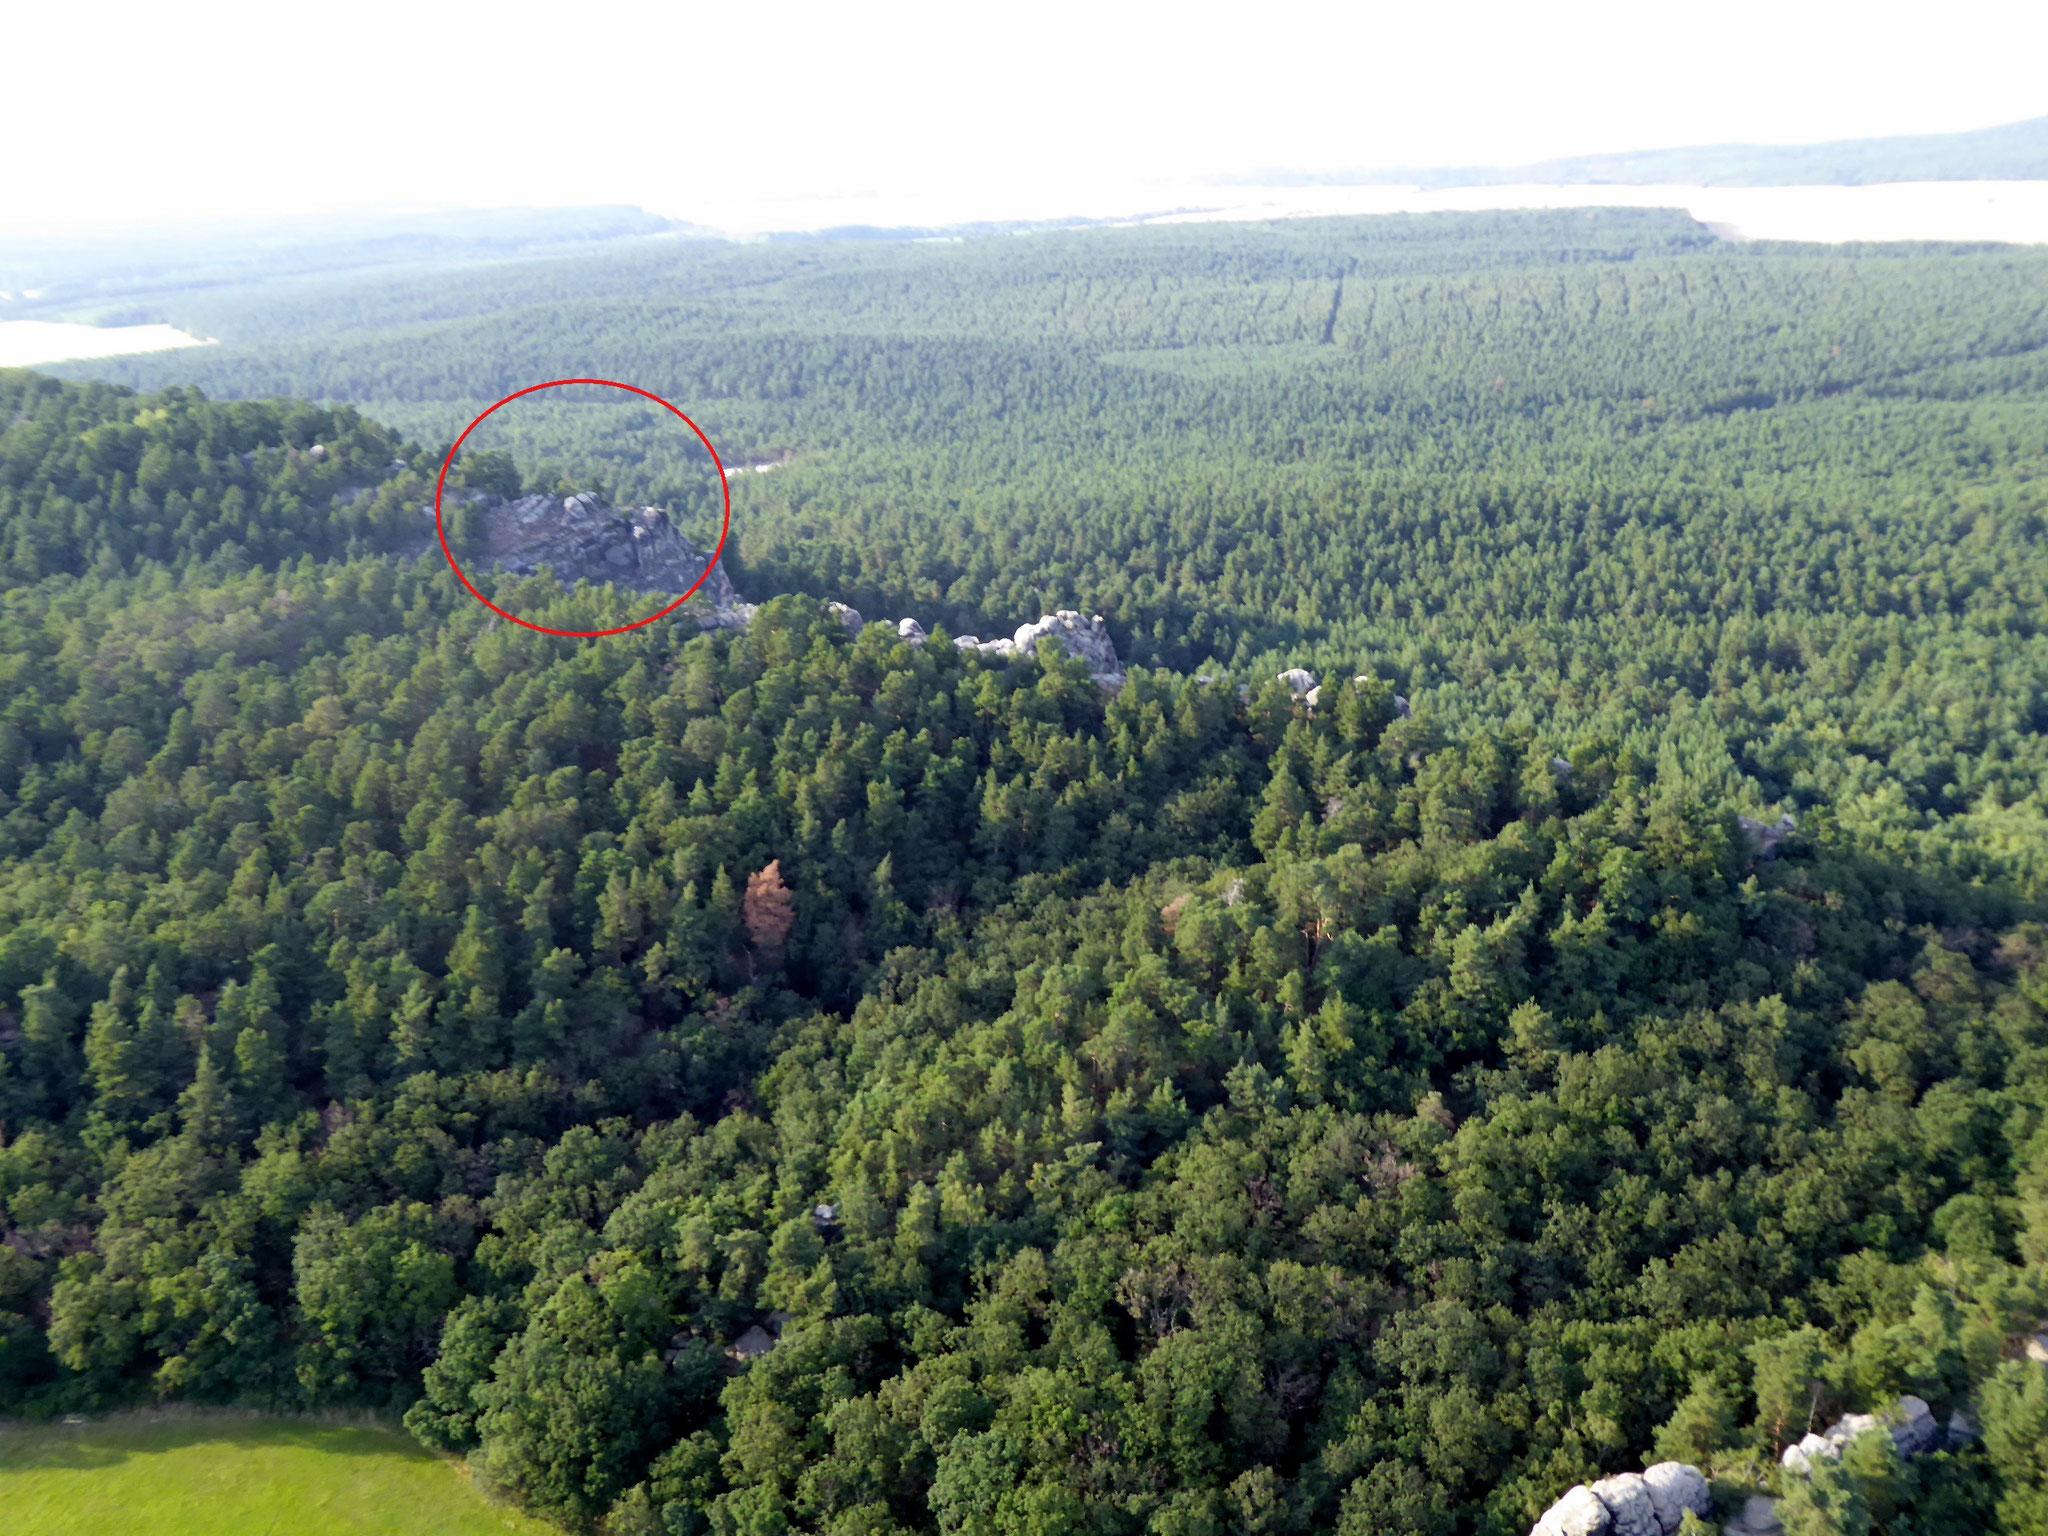 Im Kreis ist der Bereich der kleinen Roßtrappe, wir sind etwa 50 m dahinter.